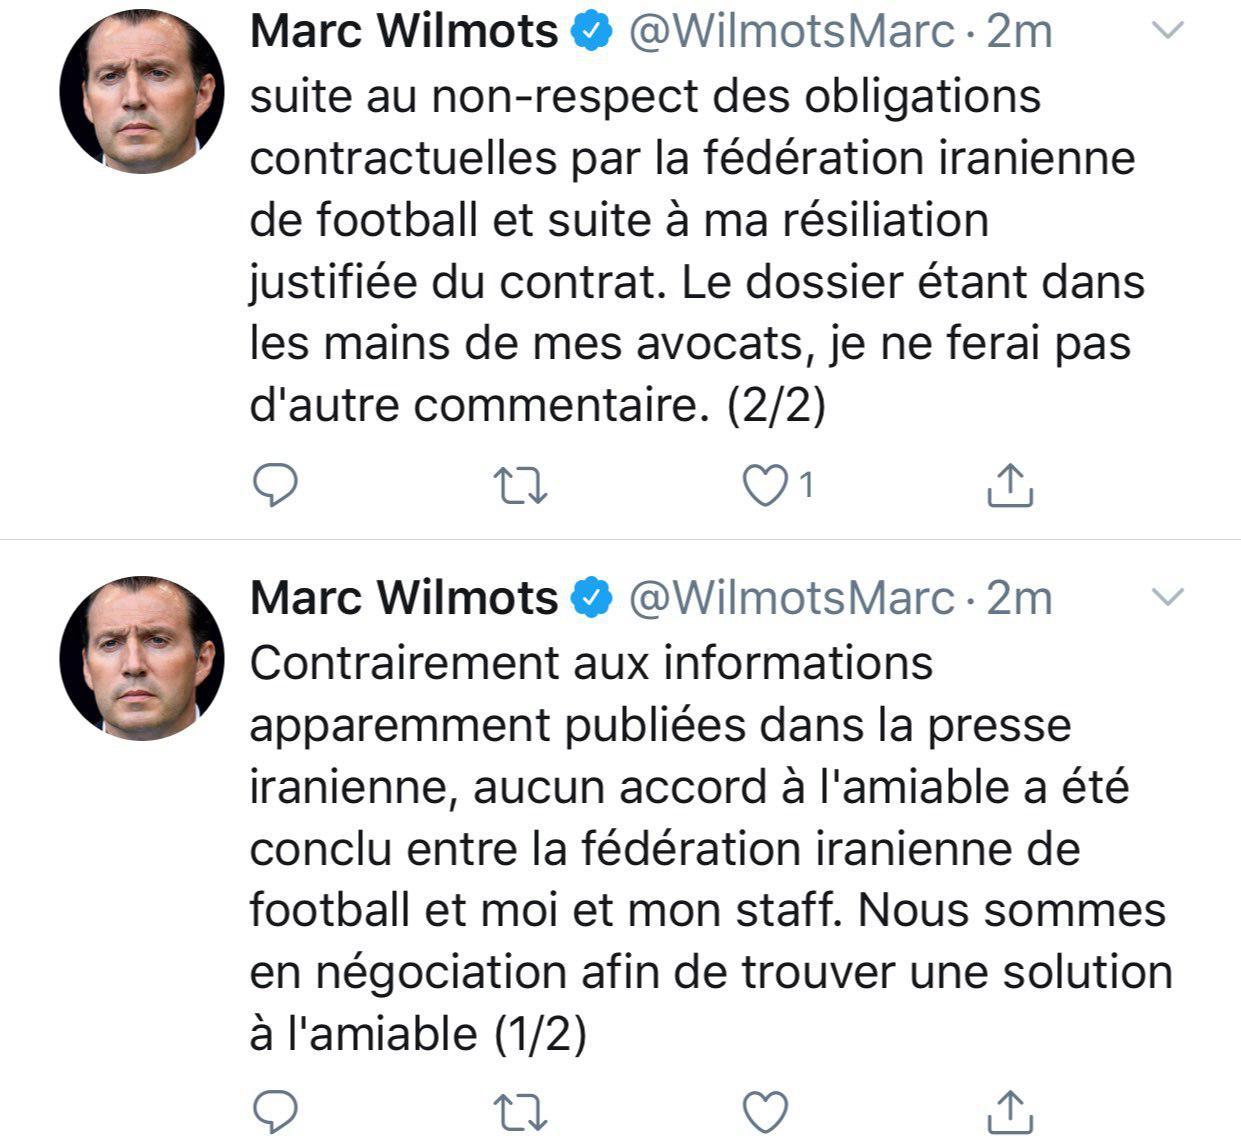 ویلموتس: هیچ توافق دوستانهای میان من، دستیارانم و فدراسیون فوتبال ایران حاصل نشده است